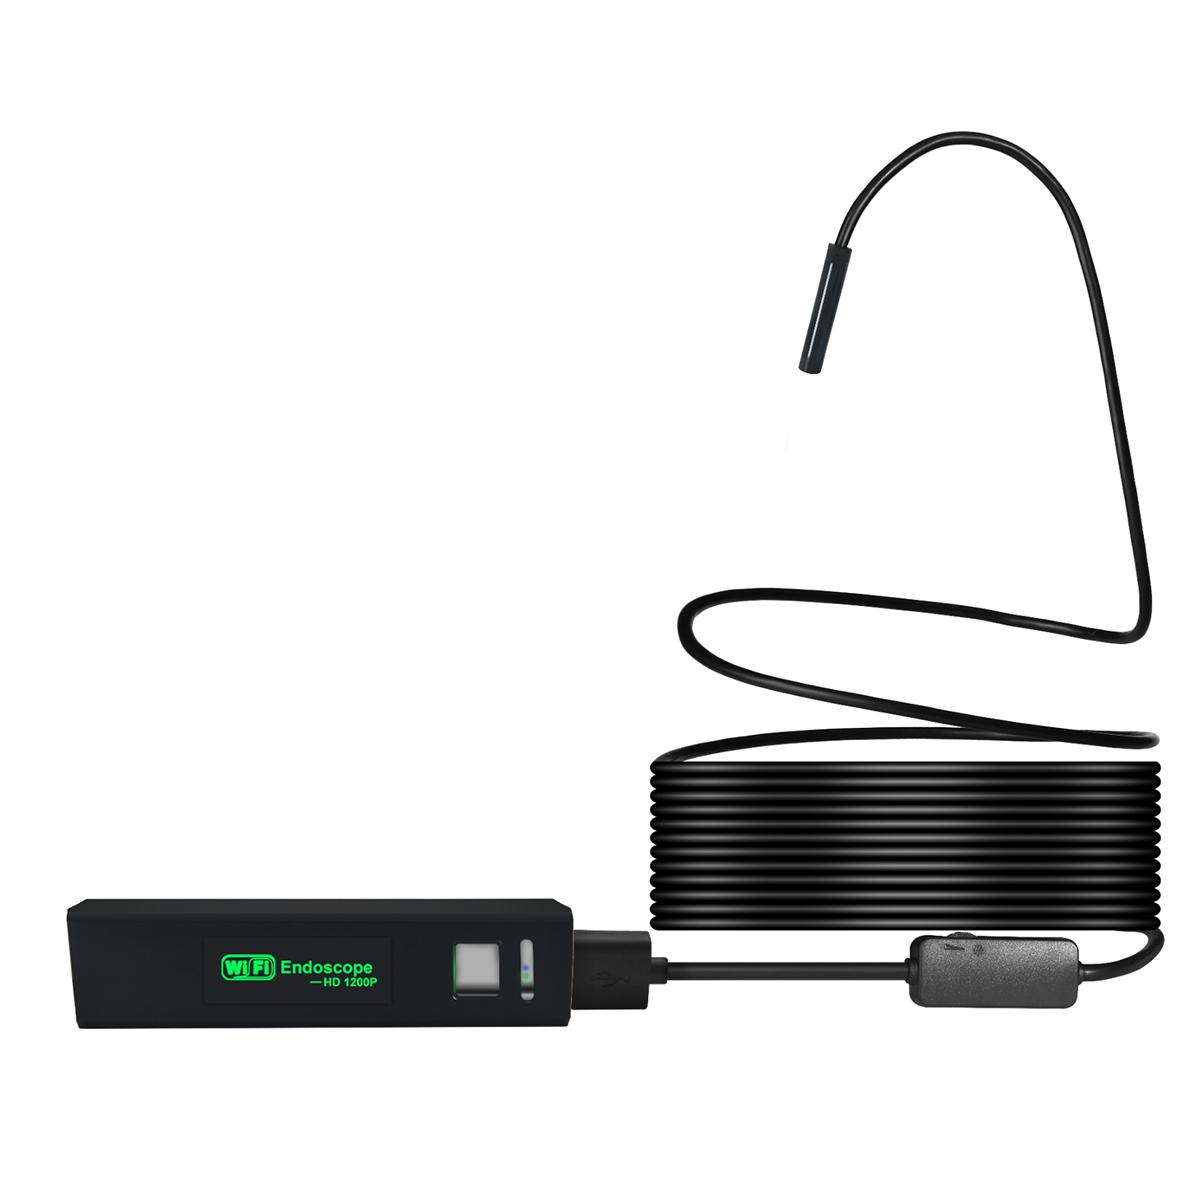 Видеоэндоскоп WIFI, 2Мп, 1600x1200, 5м, 8мм зонд iCartool IC-V110A